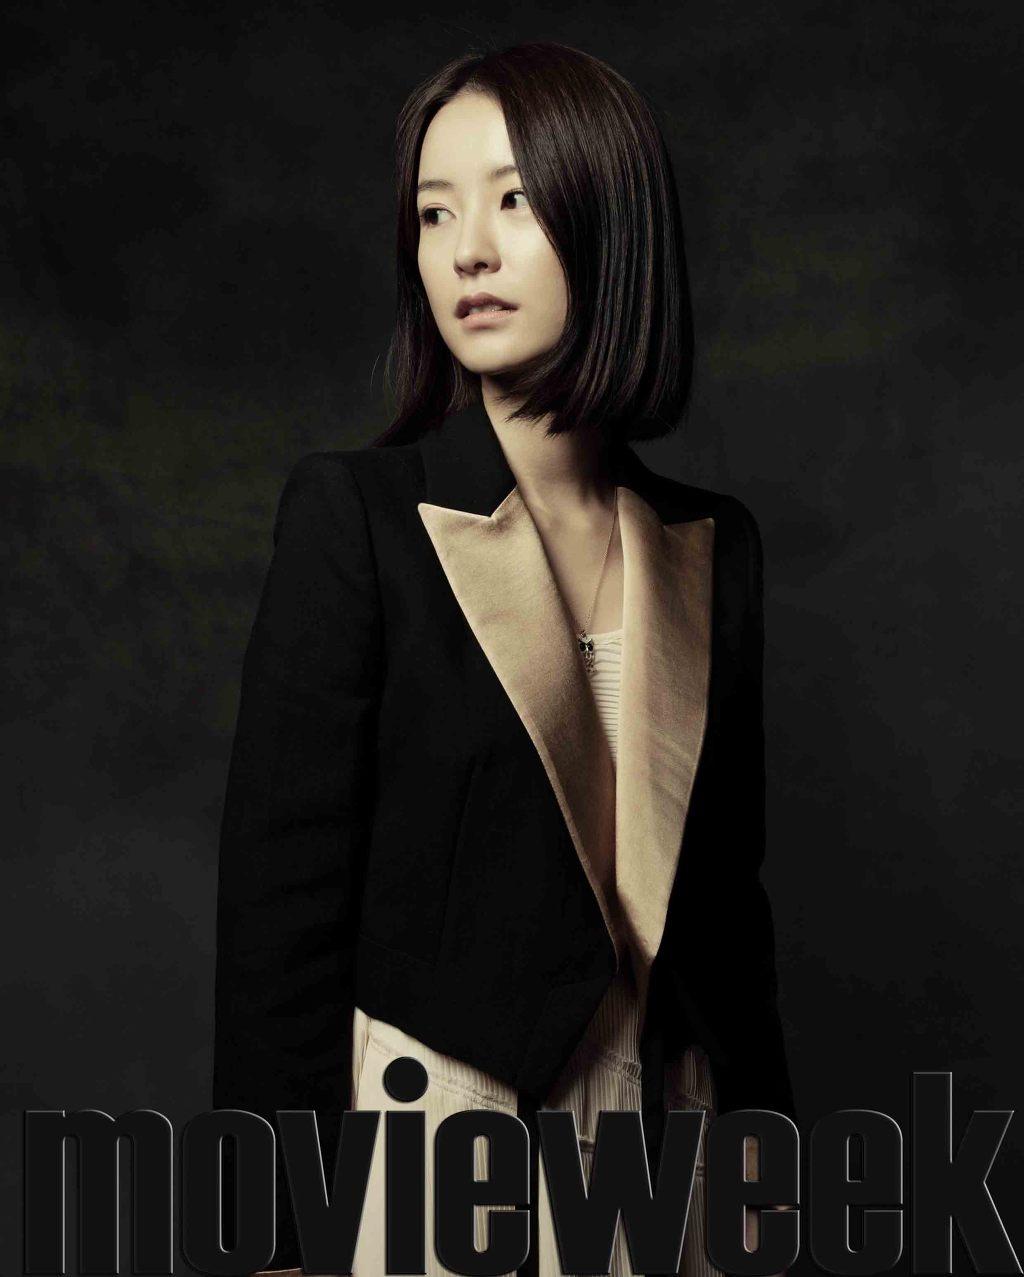 チョン・ユミ (1984年生の女優)の画像 p1_39